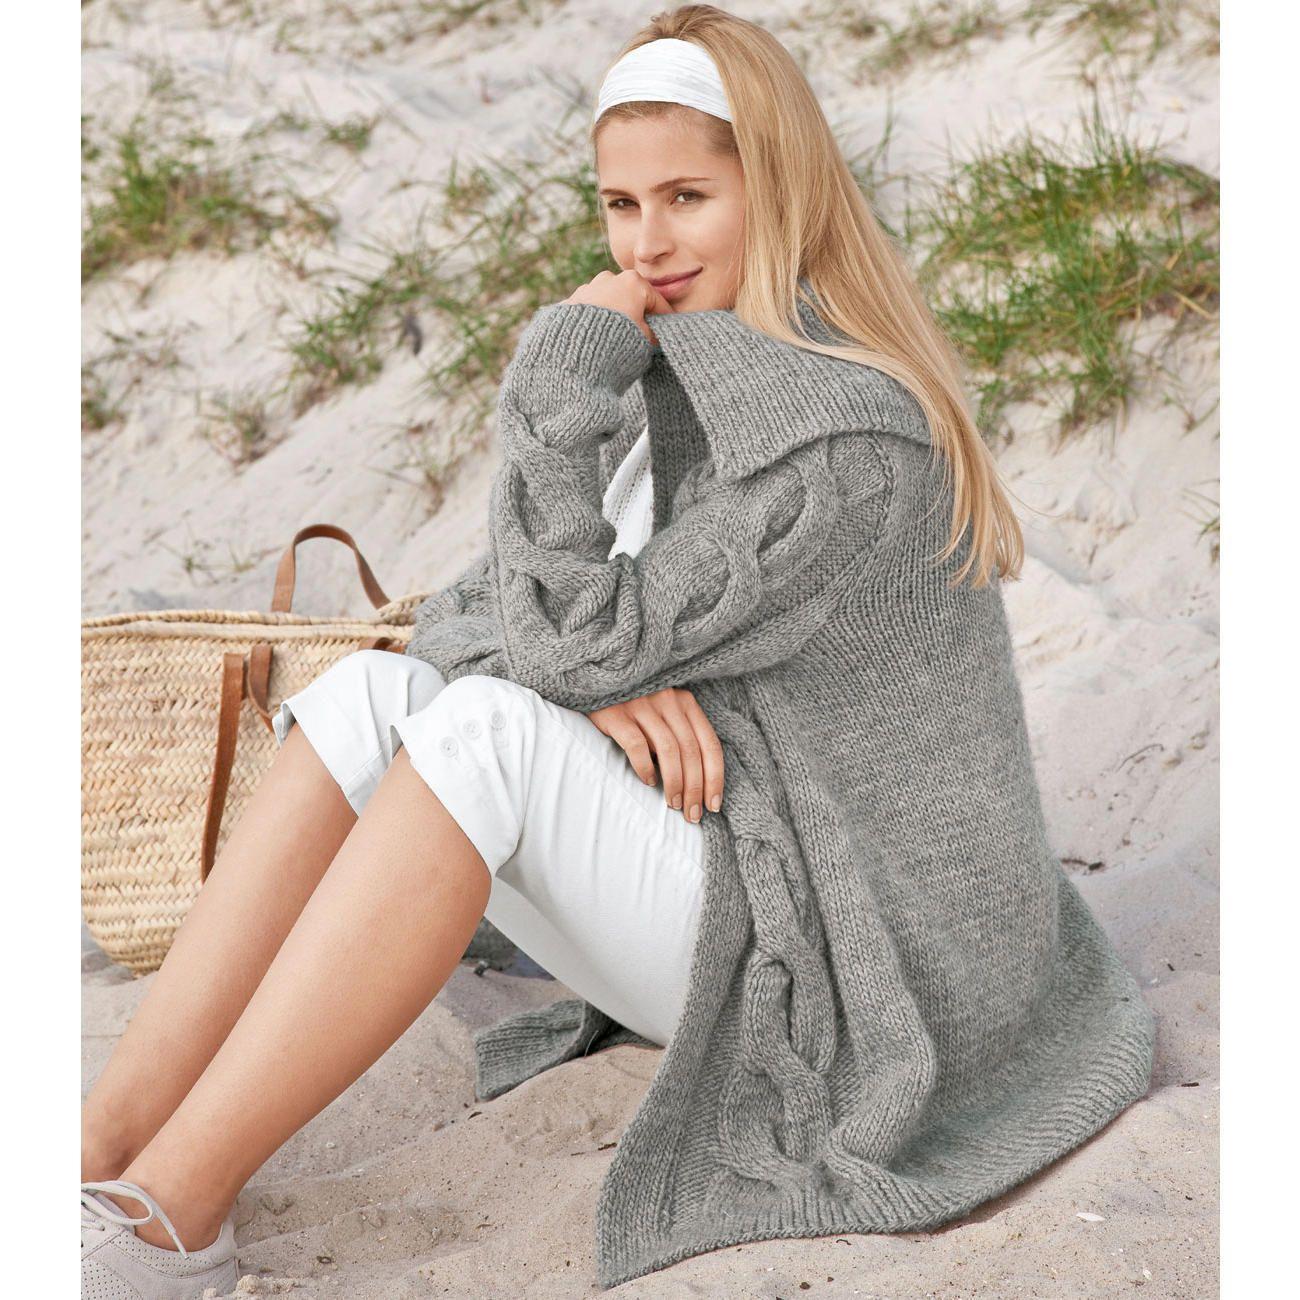 Modell 115/9, Leicht ausgestellte Jacke mit angenähten Blenden aus Clou von Junghans-Wolle « Damenjacken & Mäntel « Strickmodelle Junghans-Wolle « Stricken & Häkeln im Junghans-Wolle Creativ-Shop kaufen